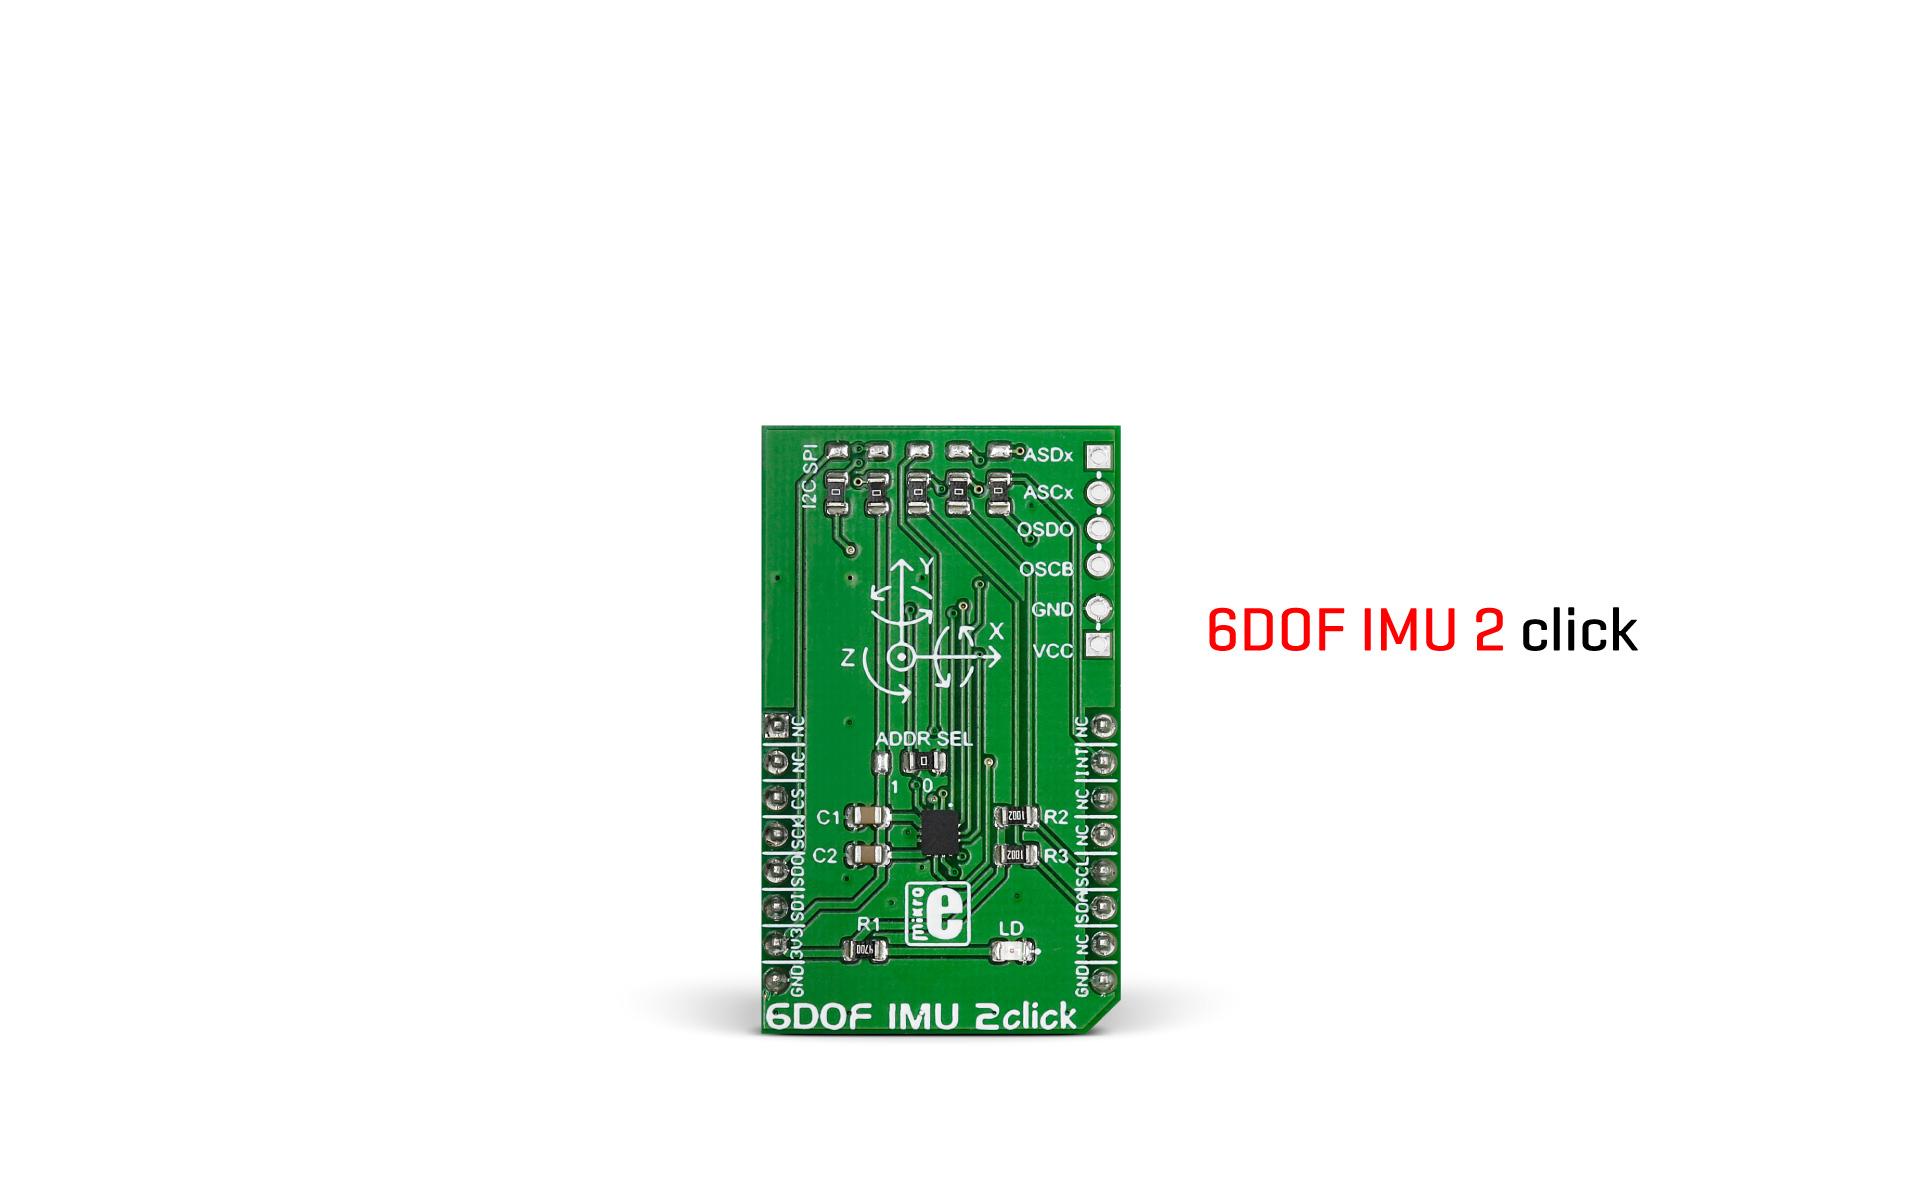 6DOF IMU 2 click released